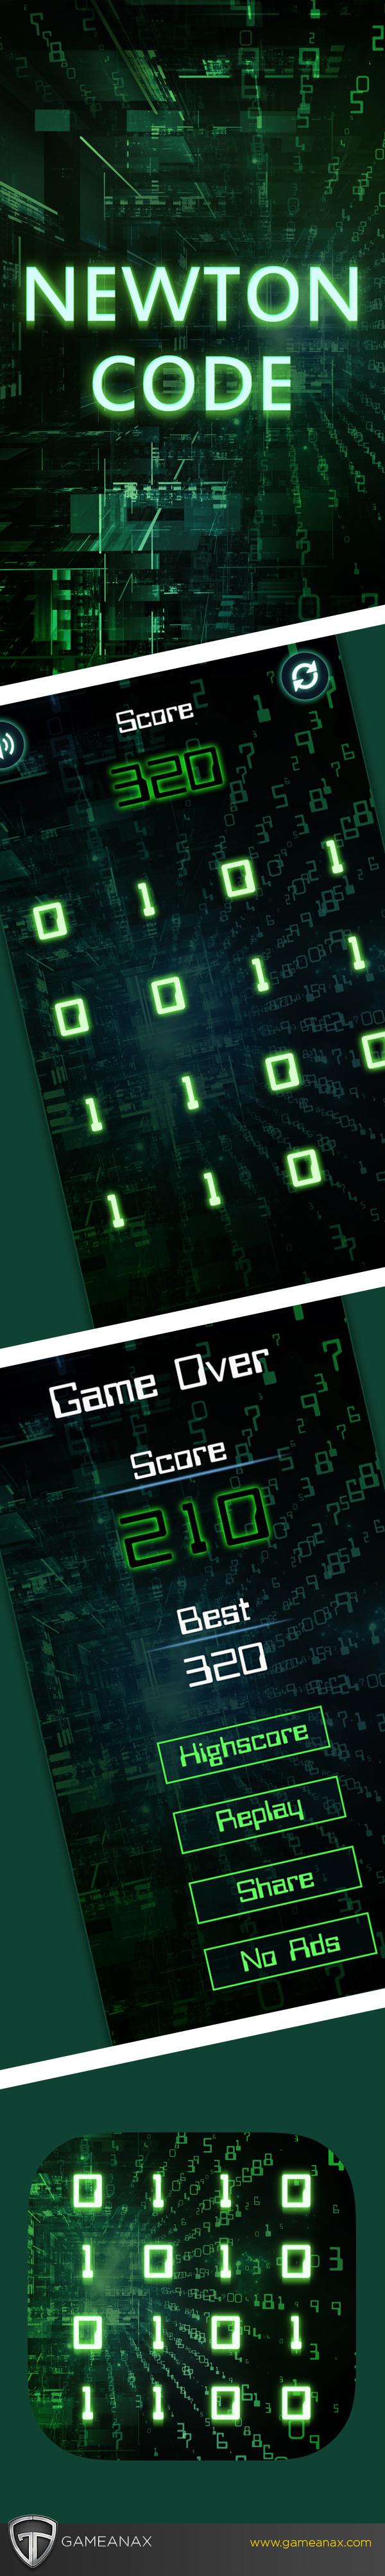 mobile gaming Gaming Games UI ux iphone iPad